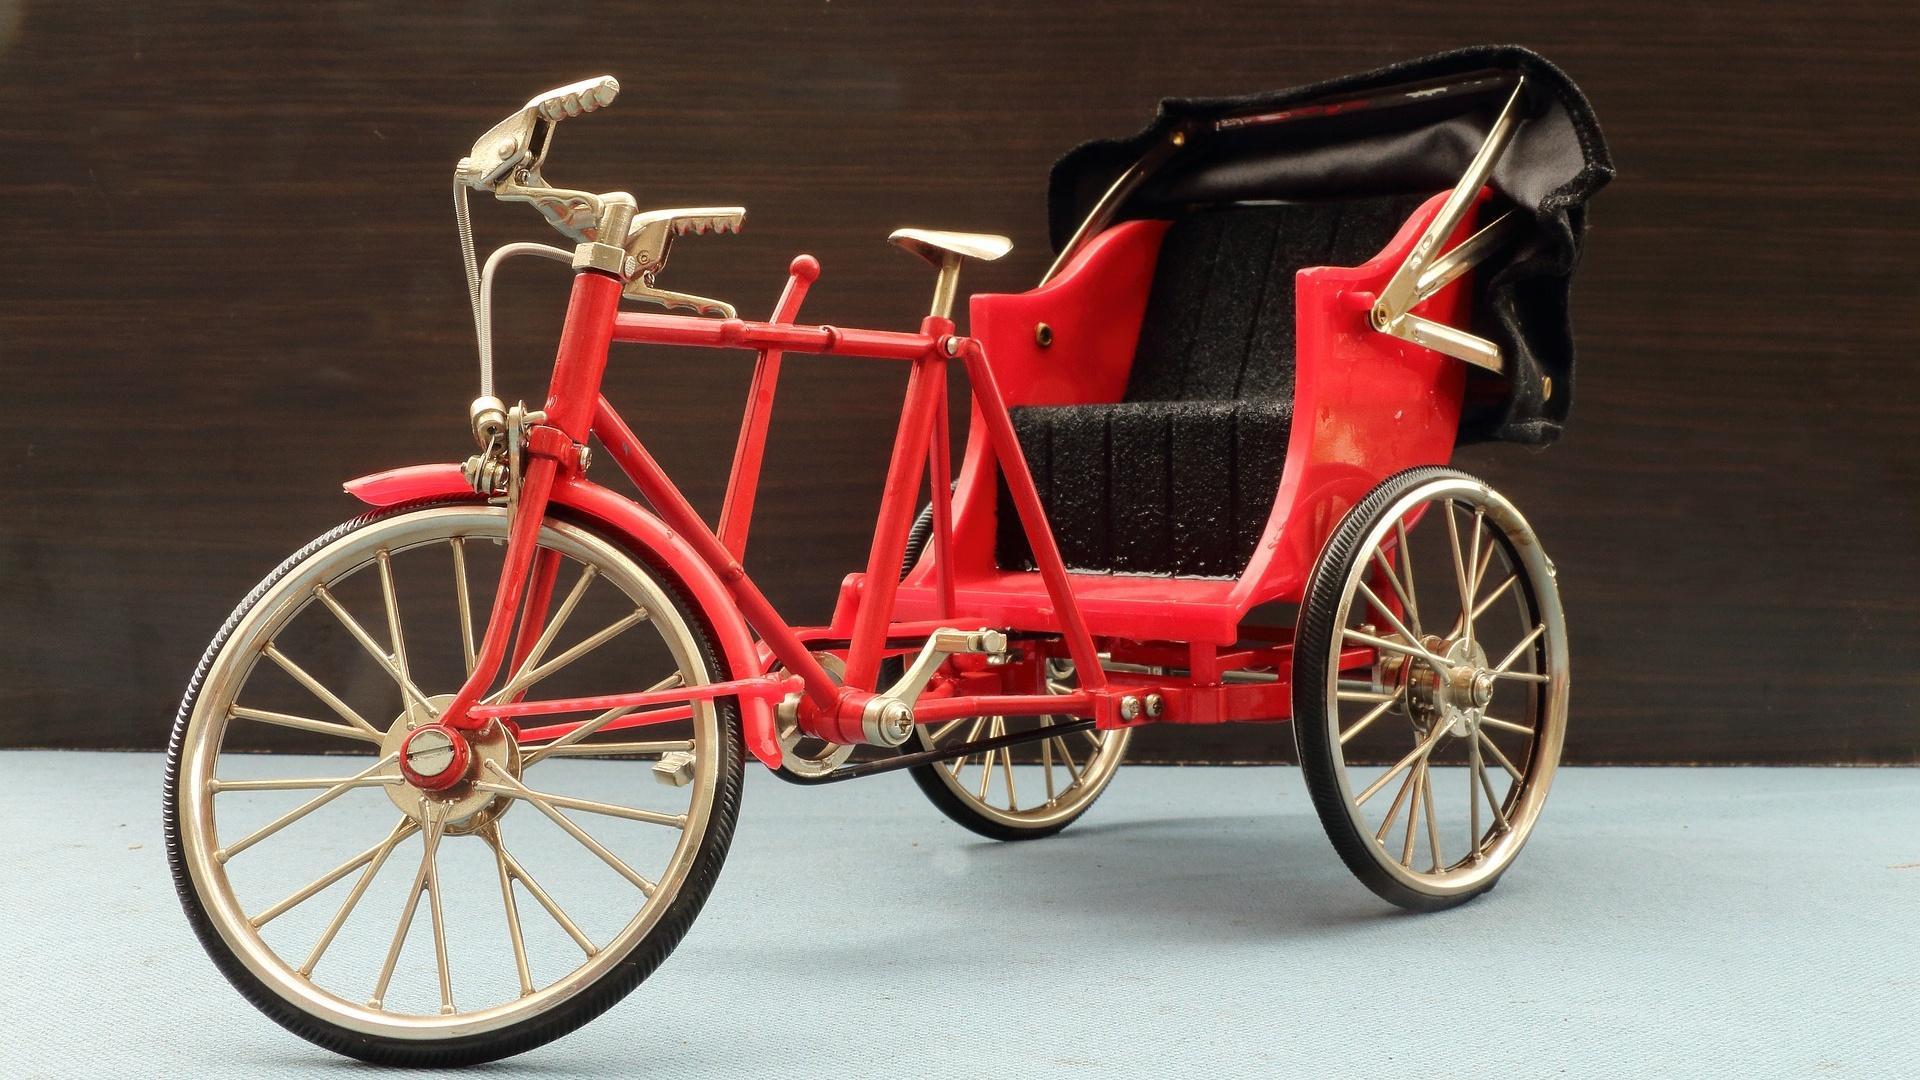 Lastenfahrräder zum Personentransport werden vom BAFA nicht gefördert.